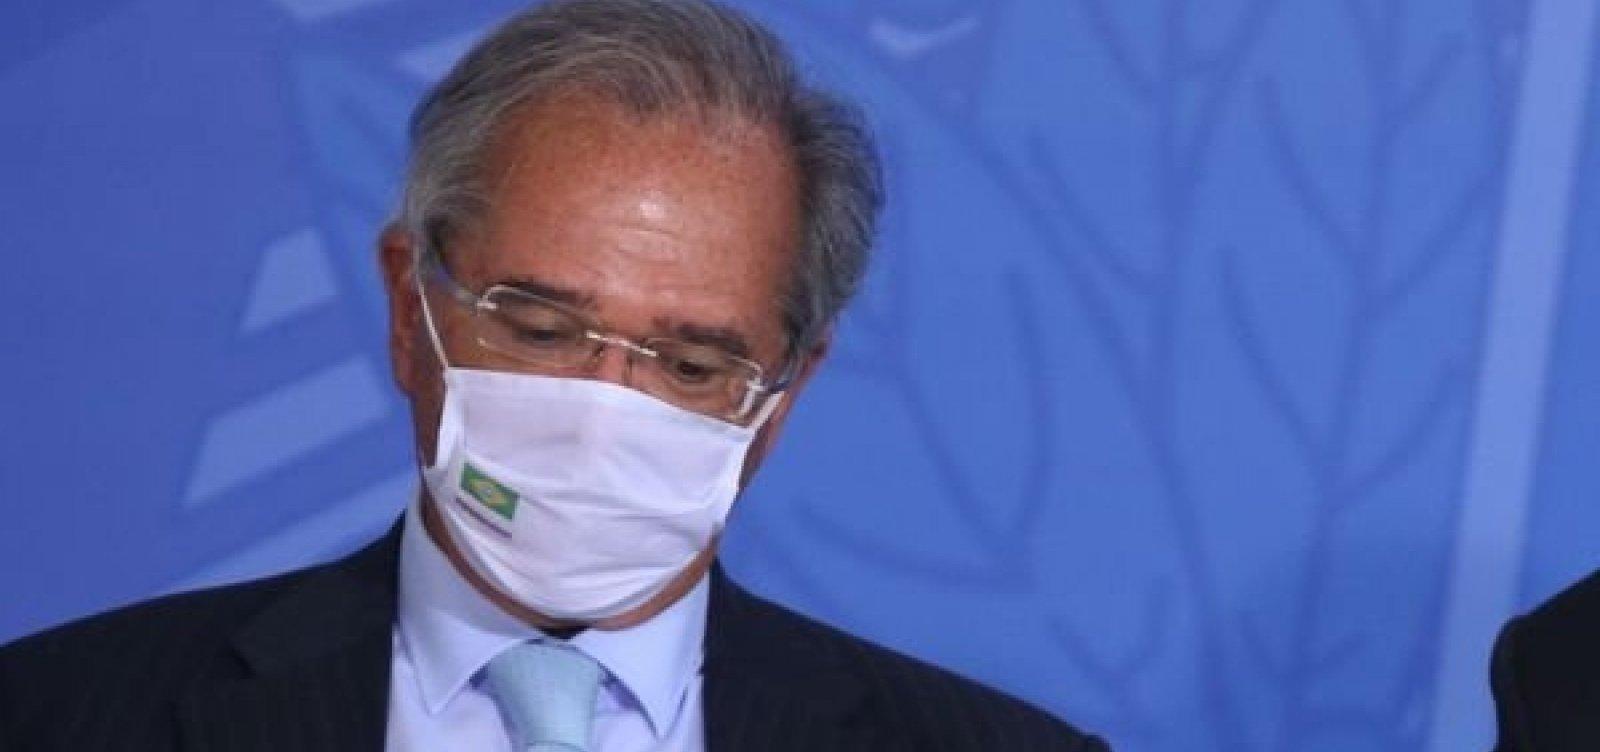 [Ministério da Economia minimiza fim da Ford no Brasil e fala sobre 'forte recuperação' econômica]